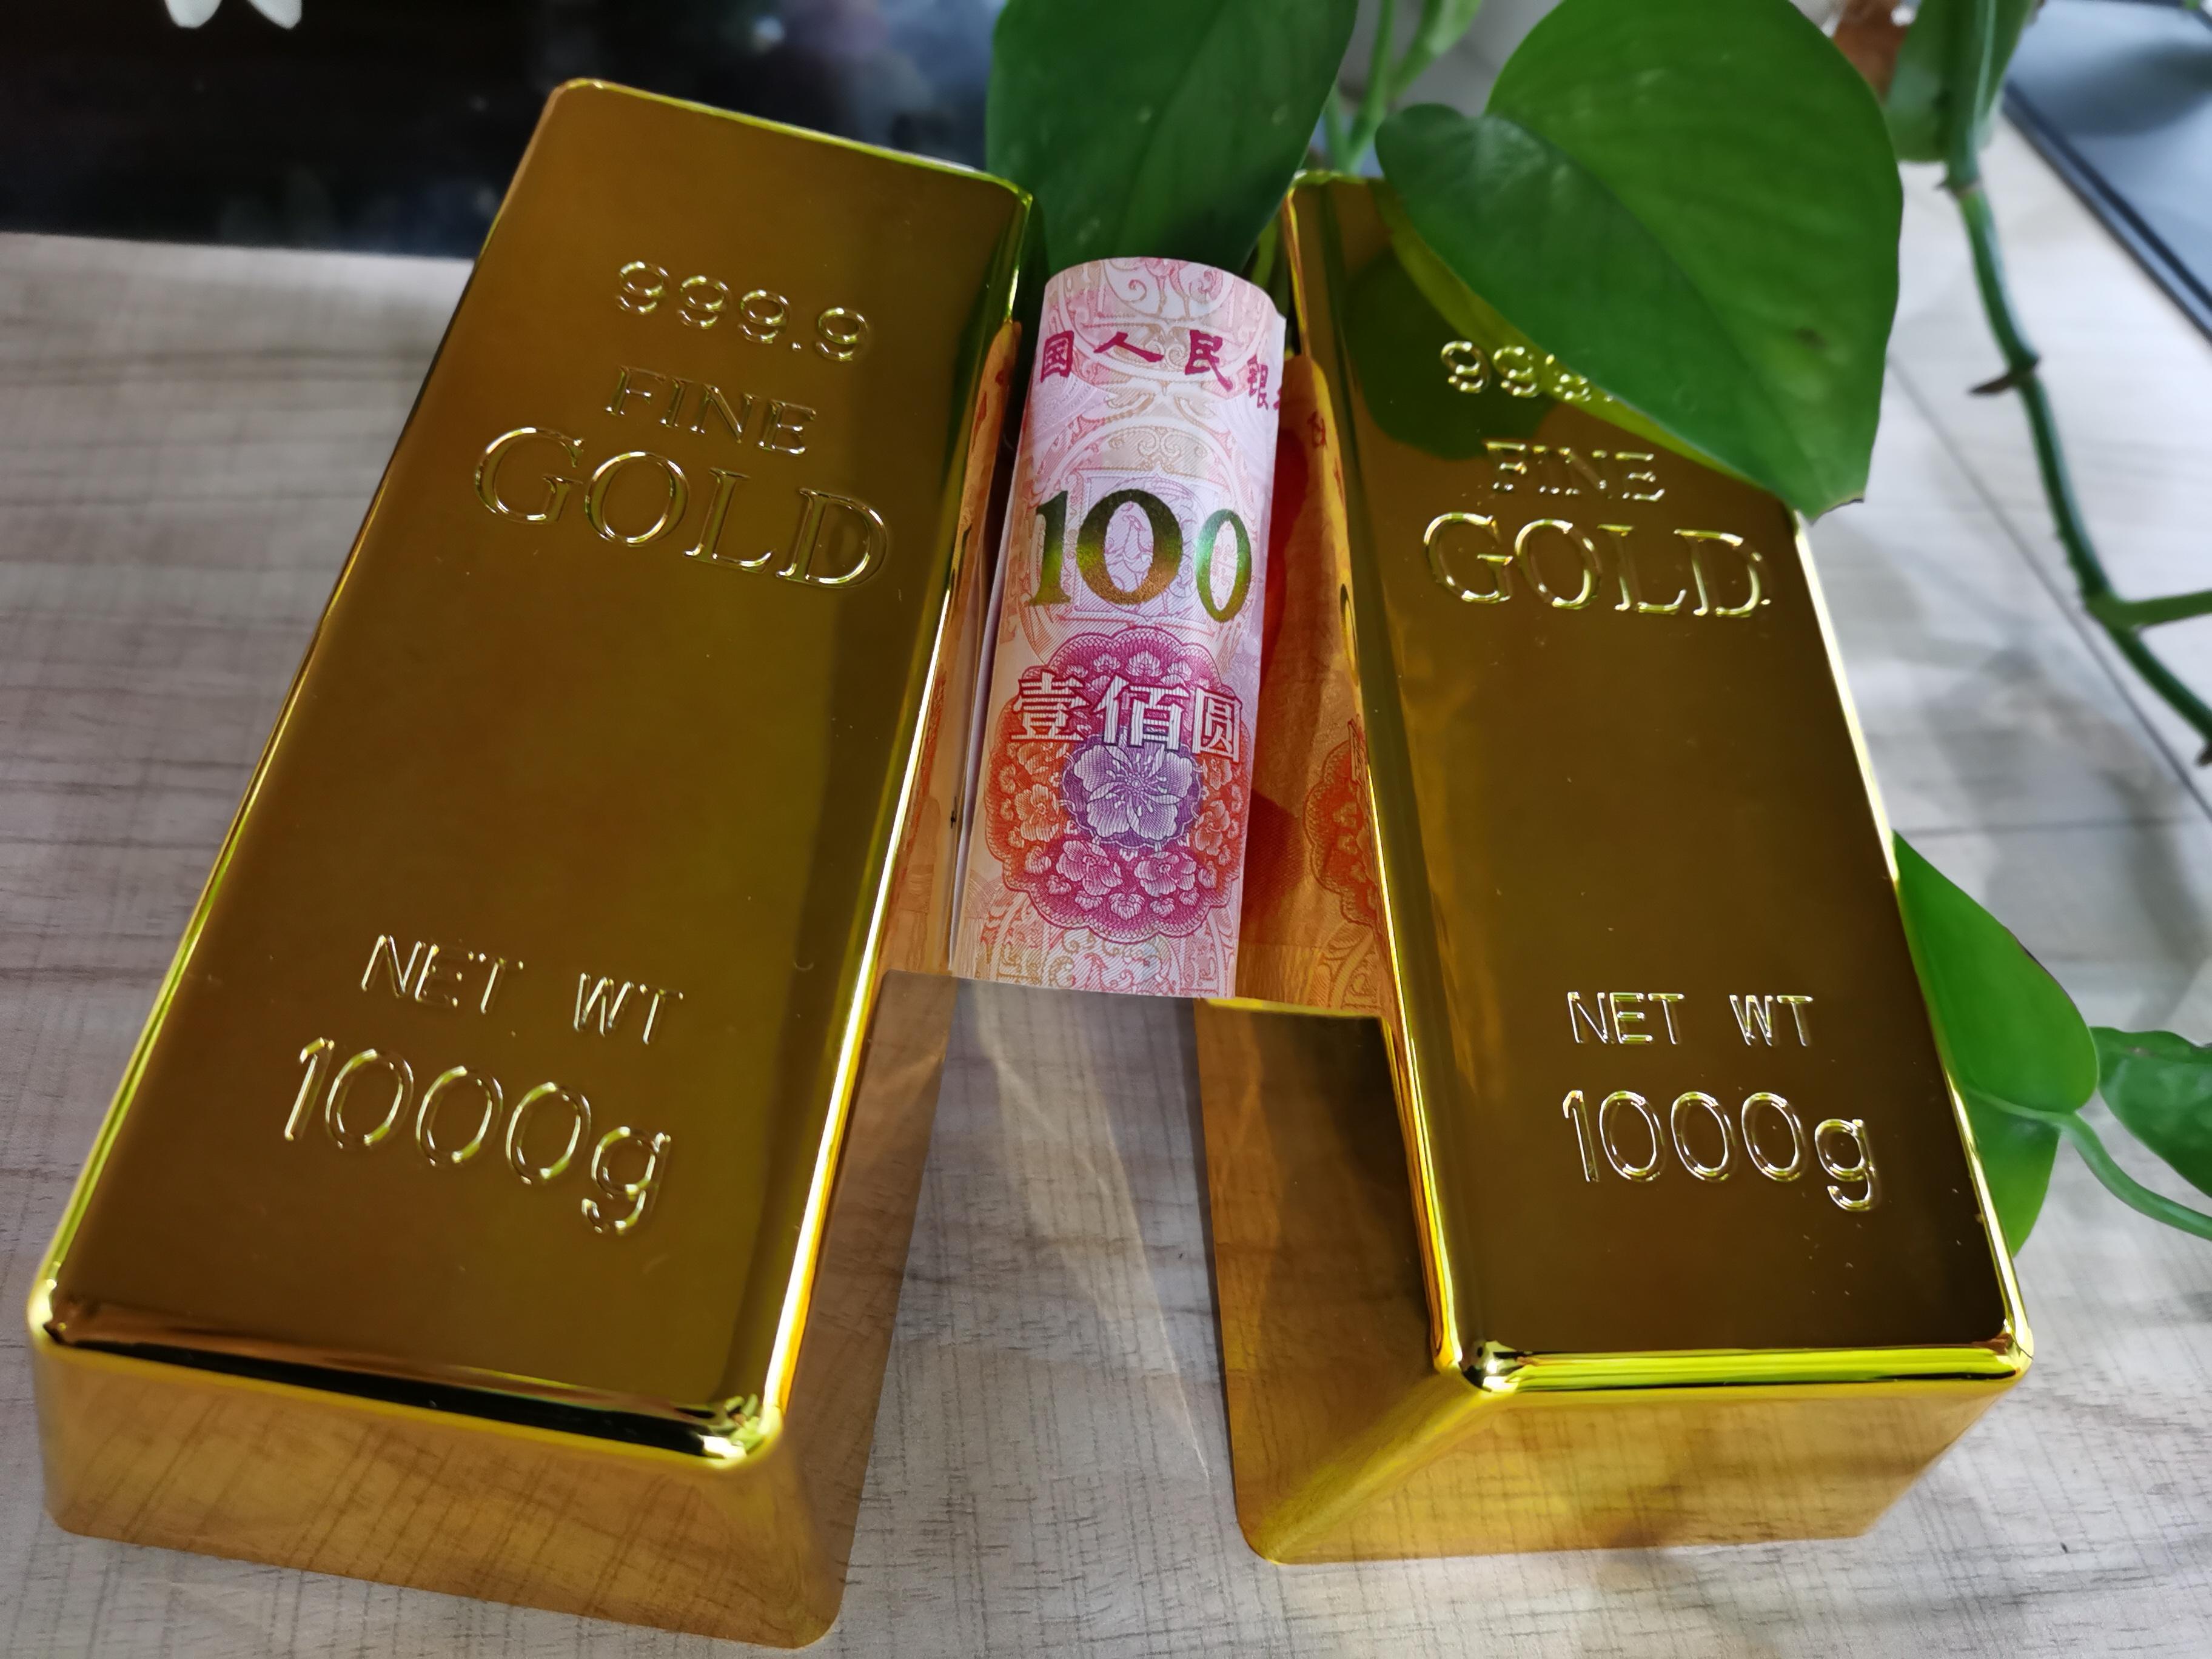 黃金價格一日下跌近6% 創七年來最大單日跌幅